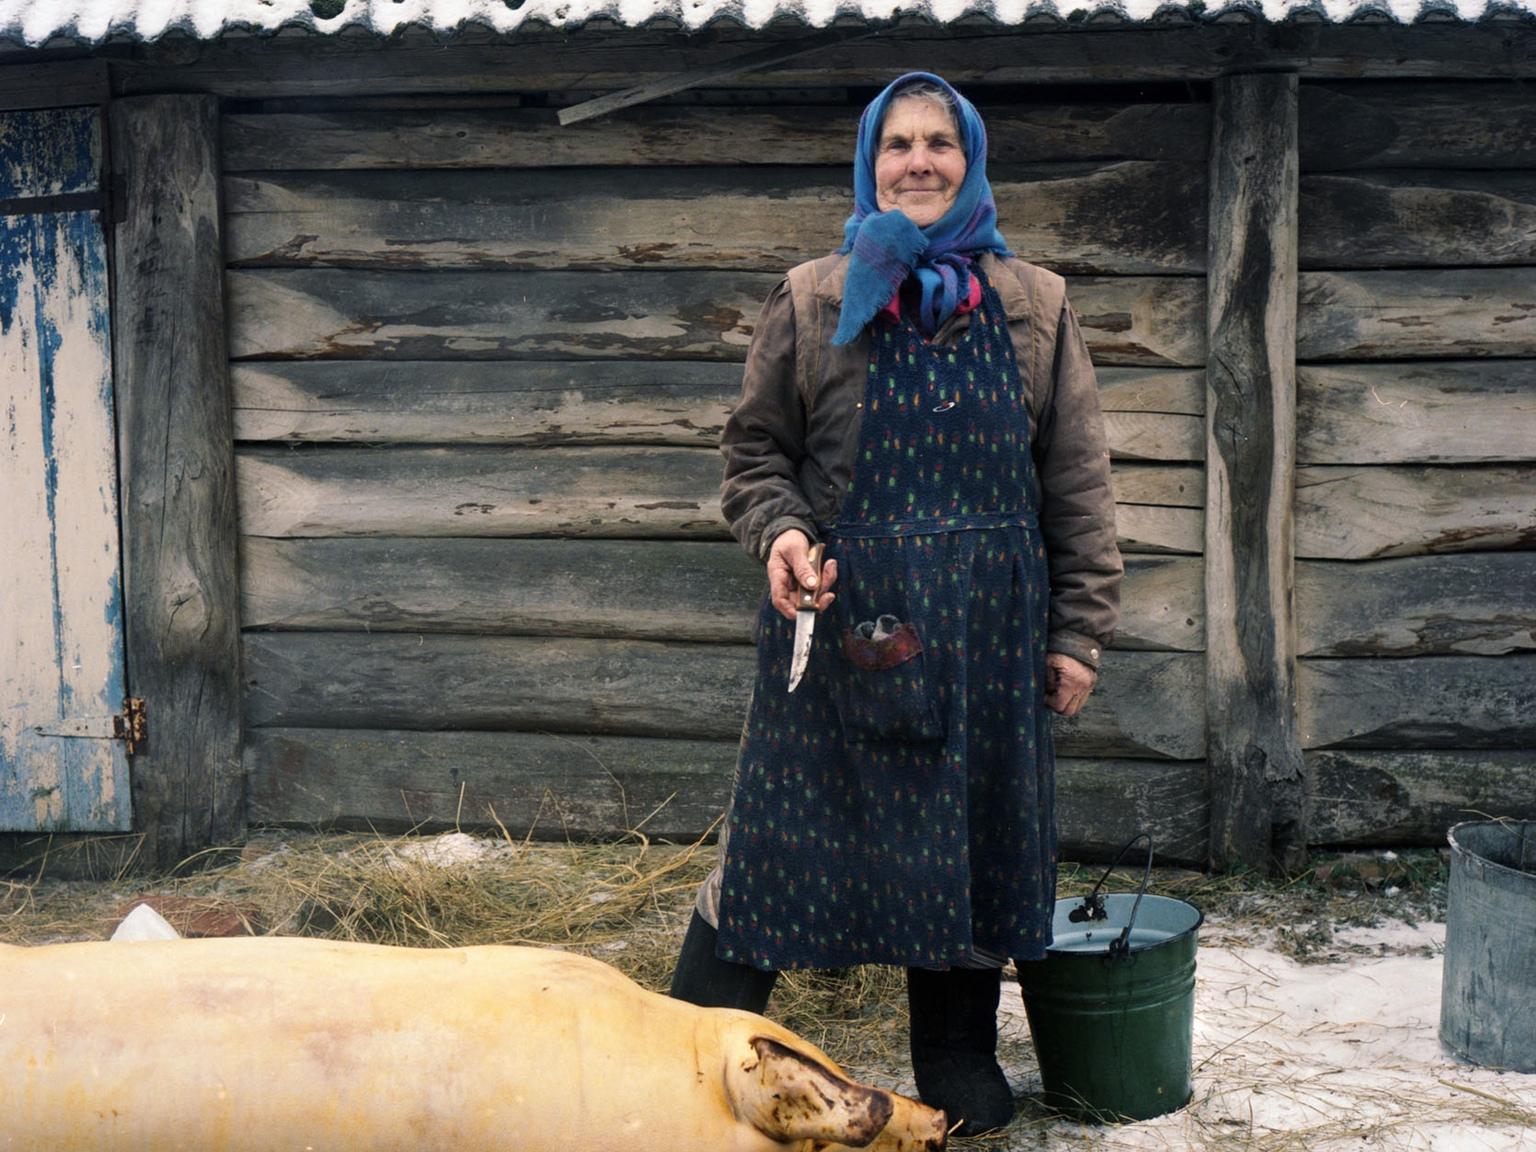 2015-06-12-1434069548-4859241-GrandmasofChernobylpic1